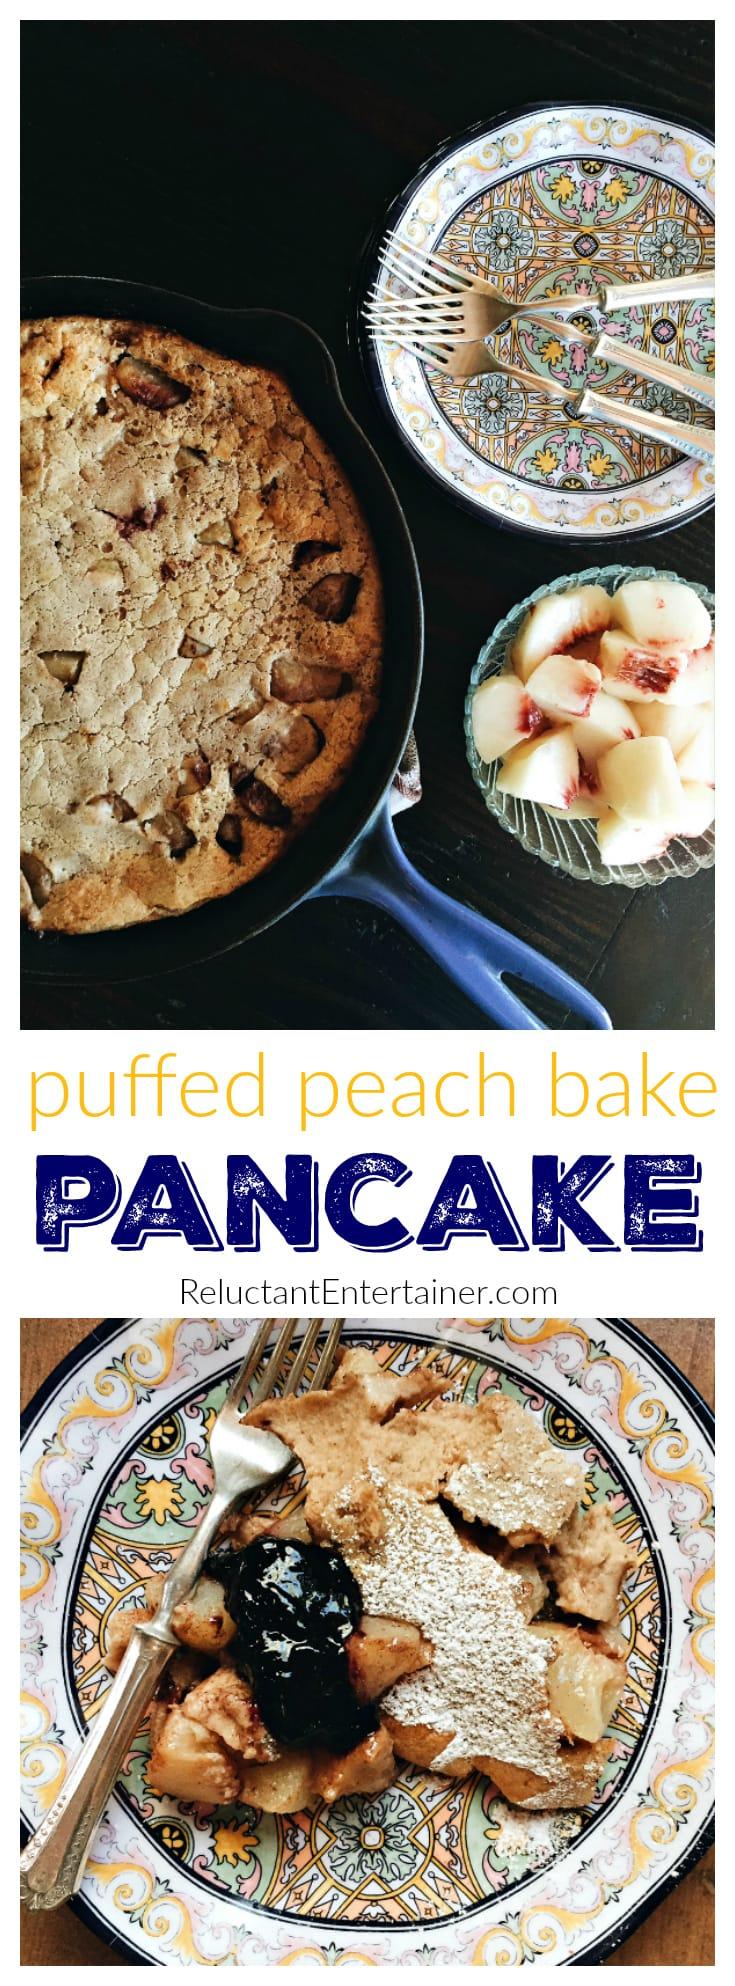 Puffed Peach Bake Pancake